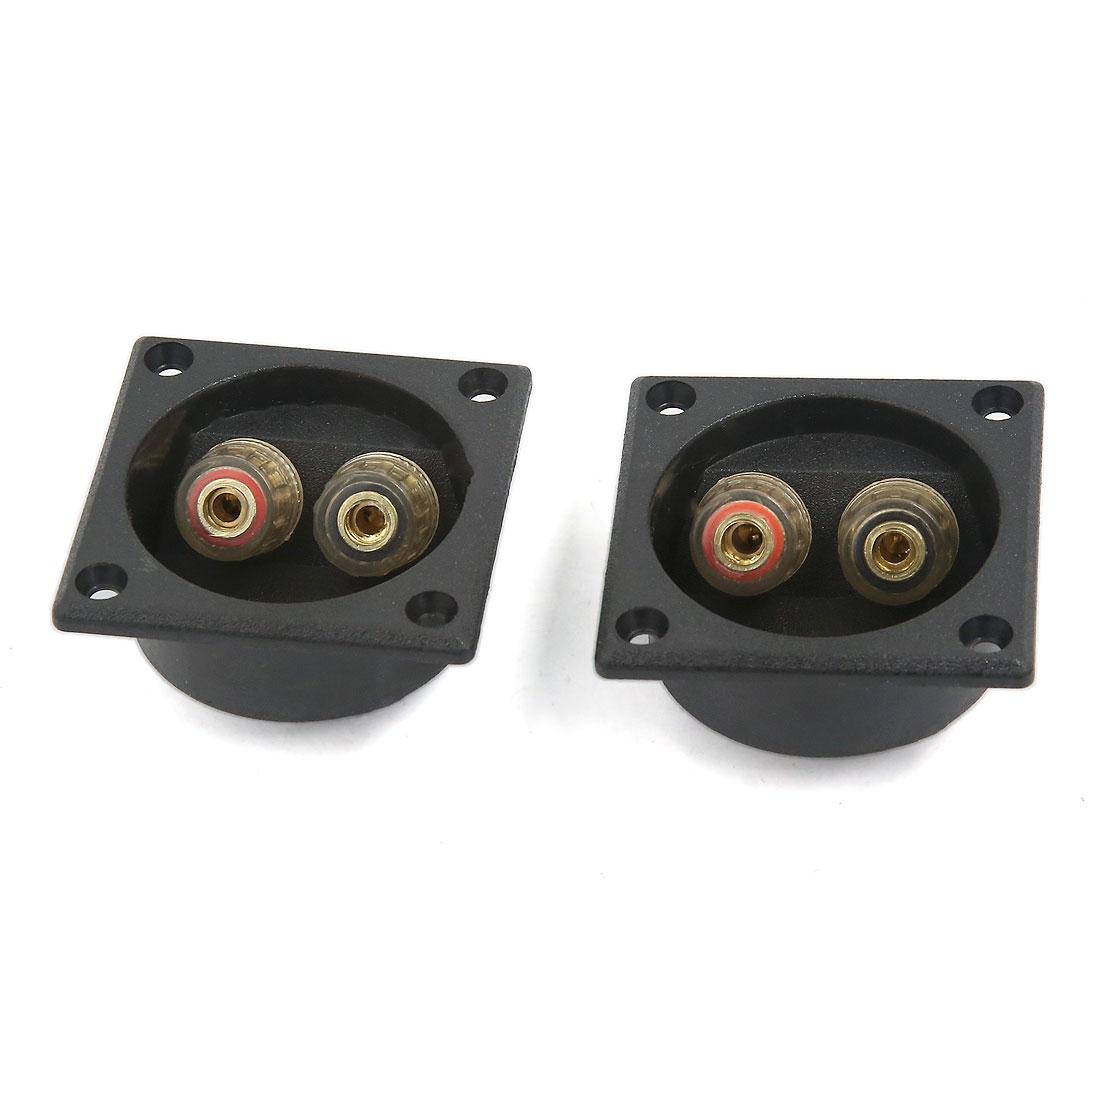 2pcs Black Speaker Box Push Spring Type Binding Post Terminal Connector